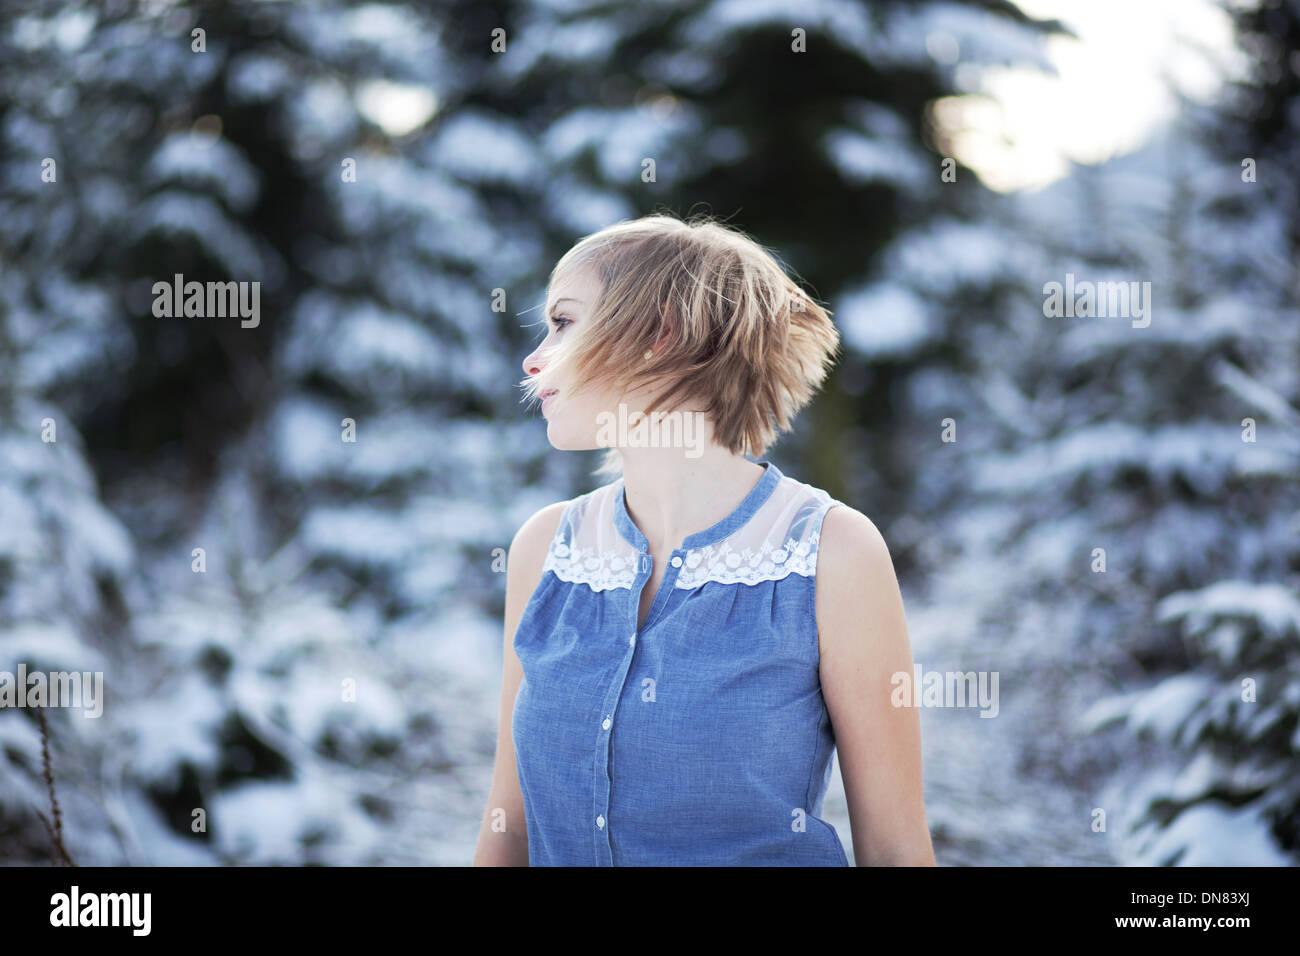 Retrato de una joven en la nieve Imagen De Stock